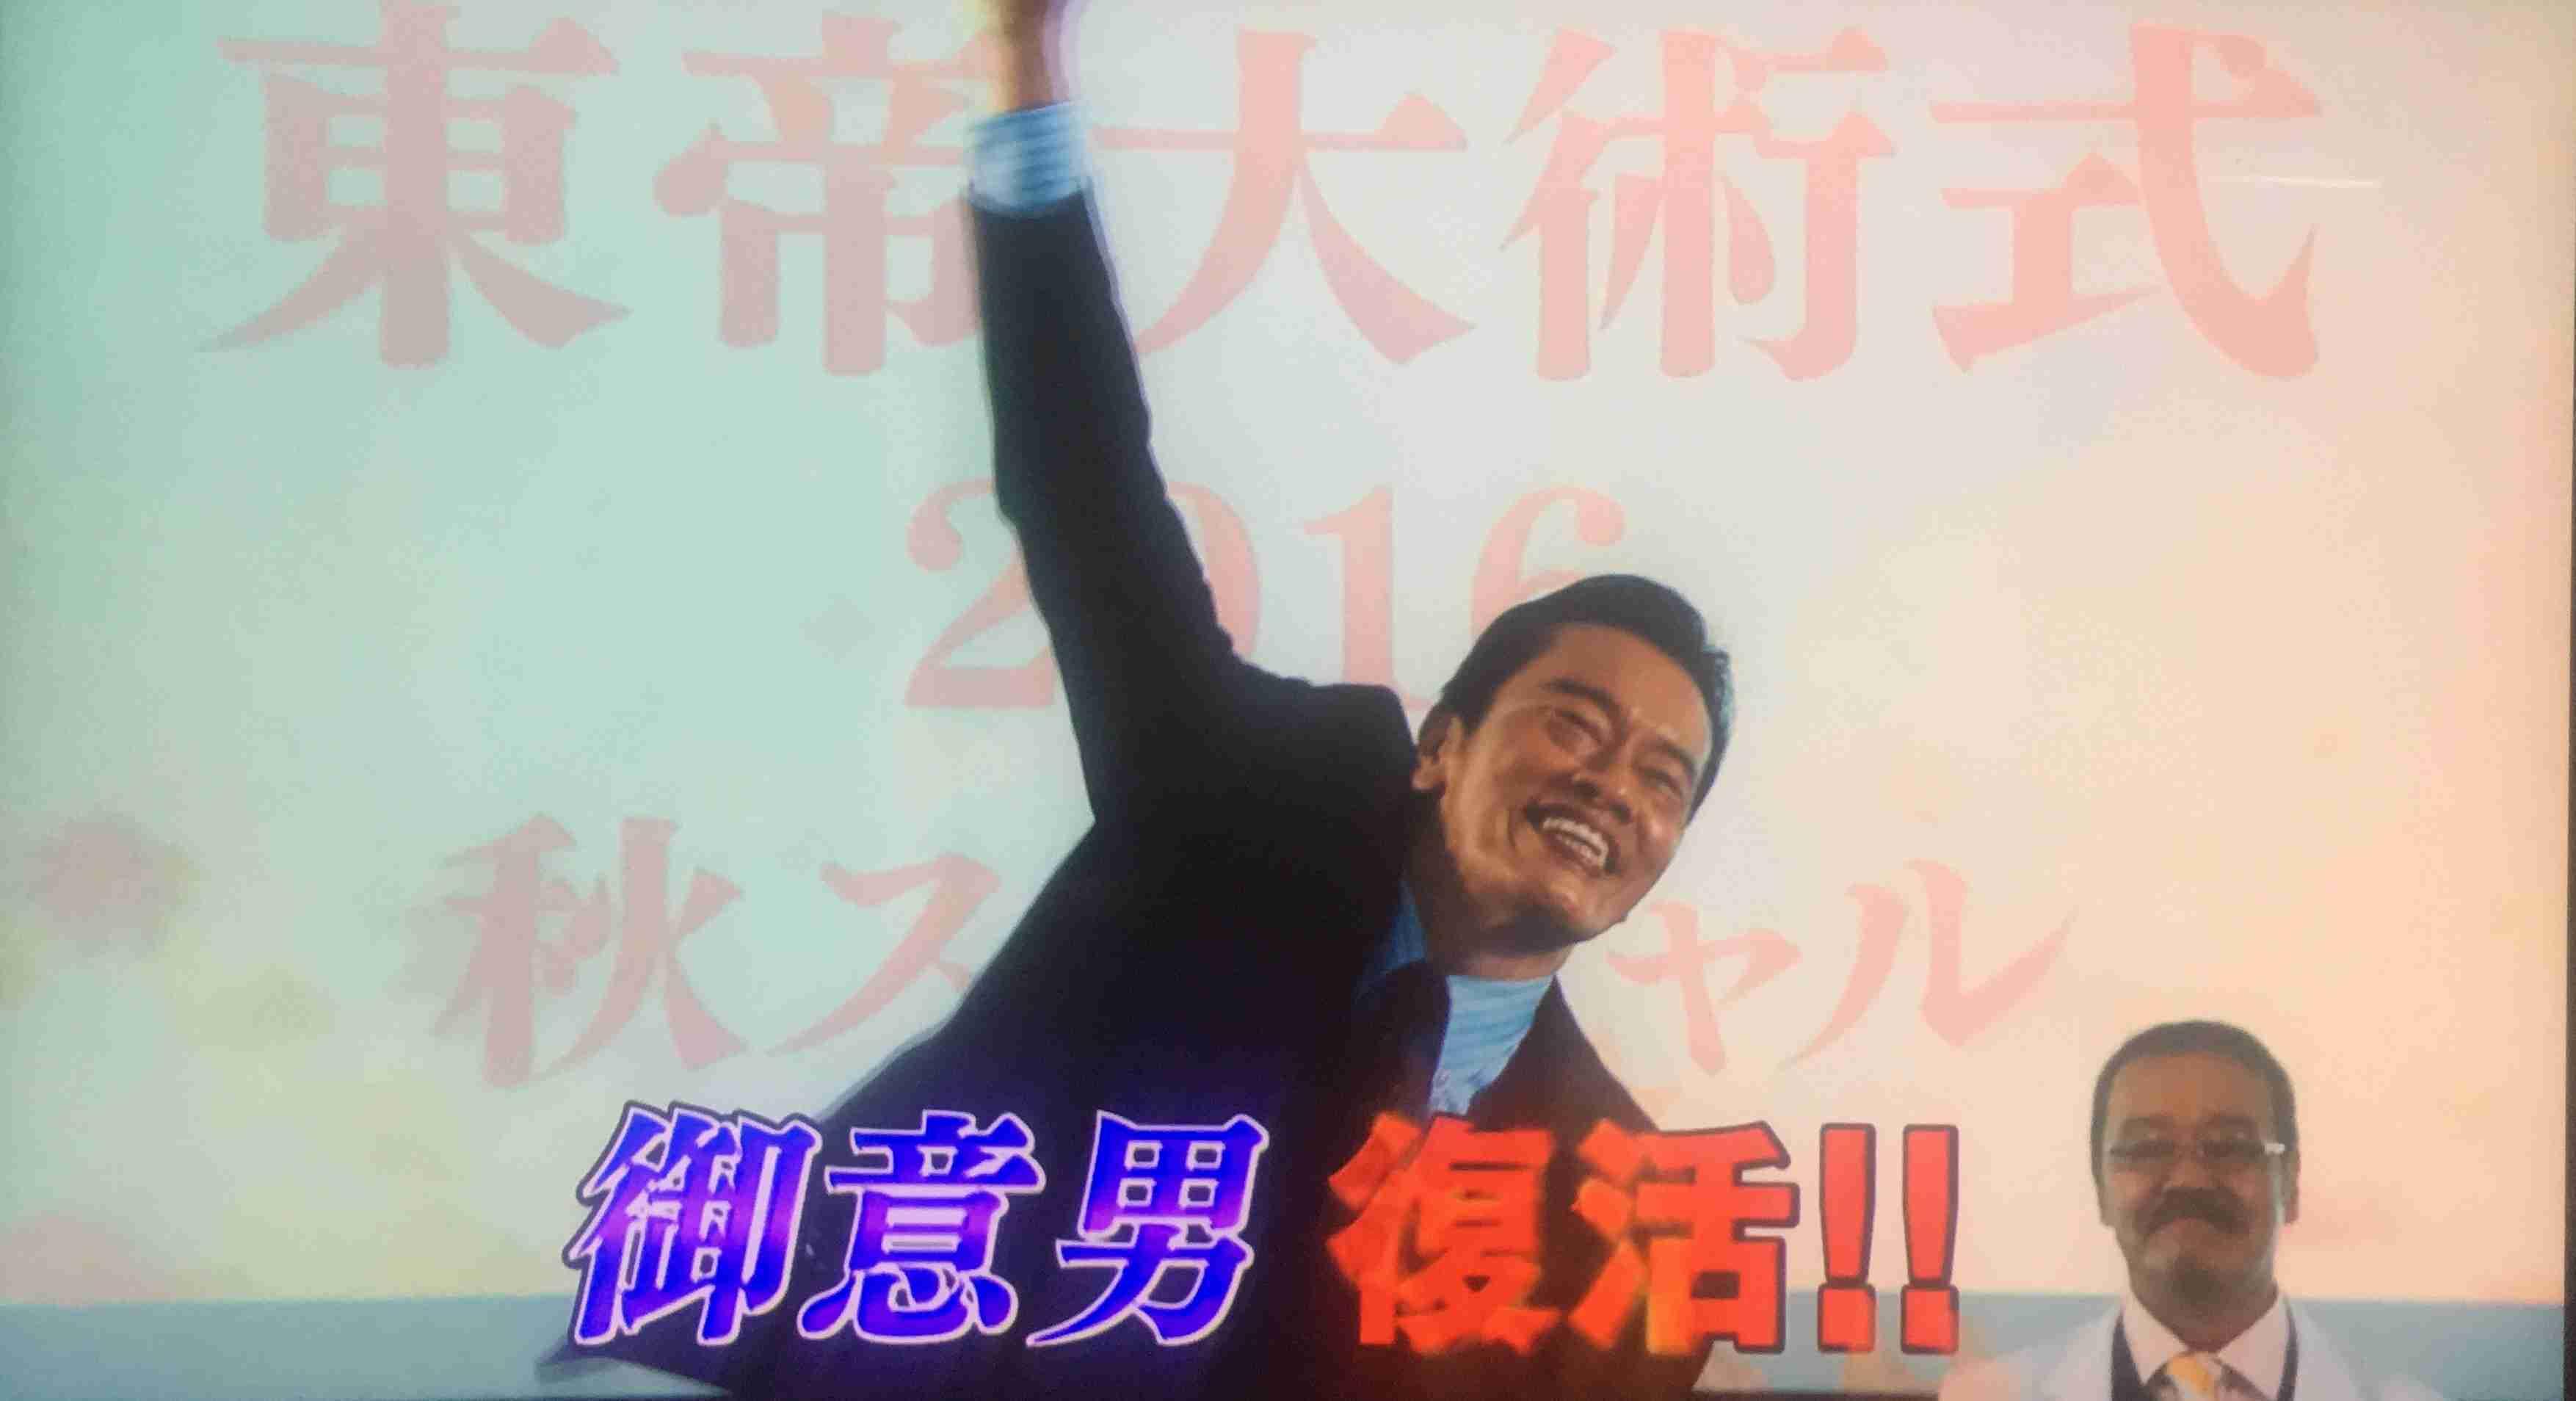 『ドクターX』ロスの方〜